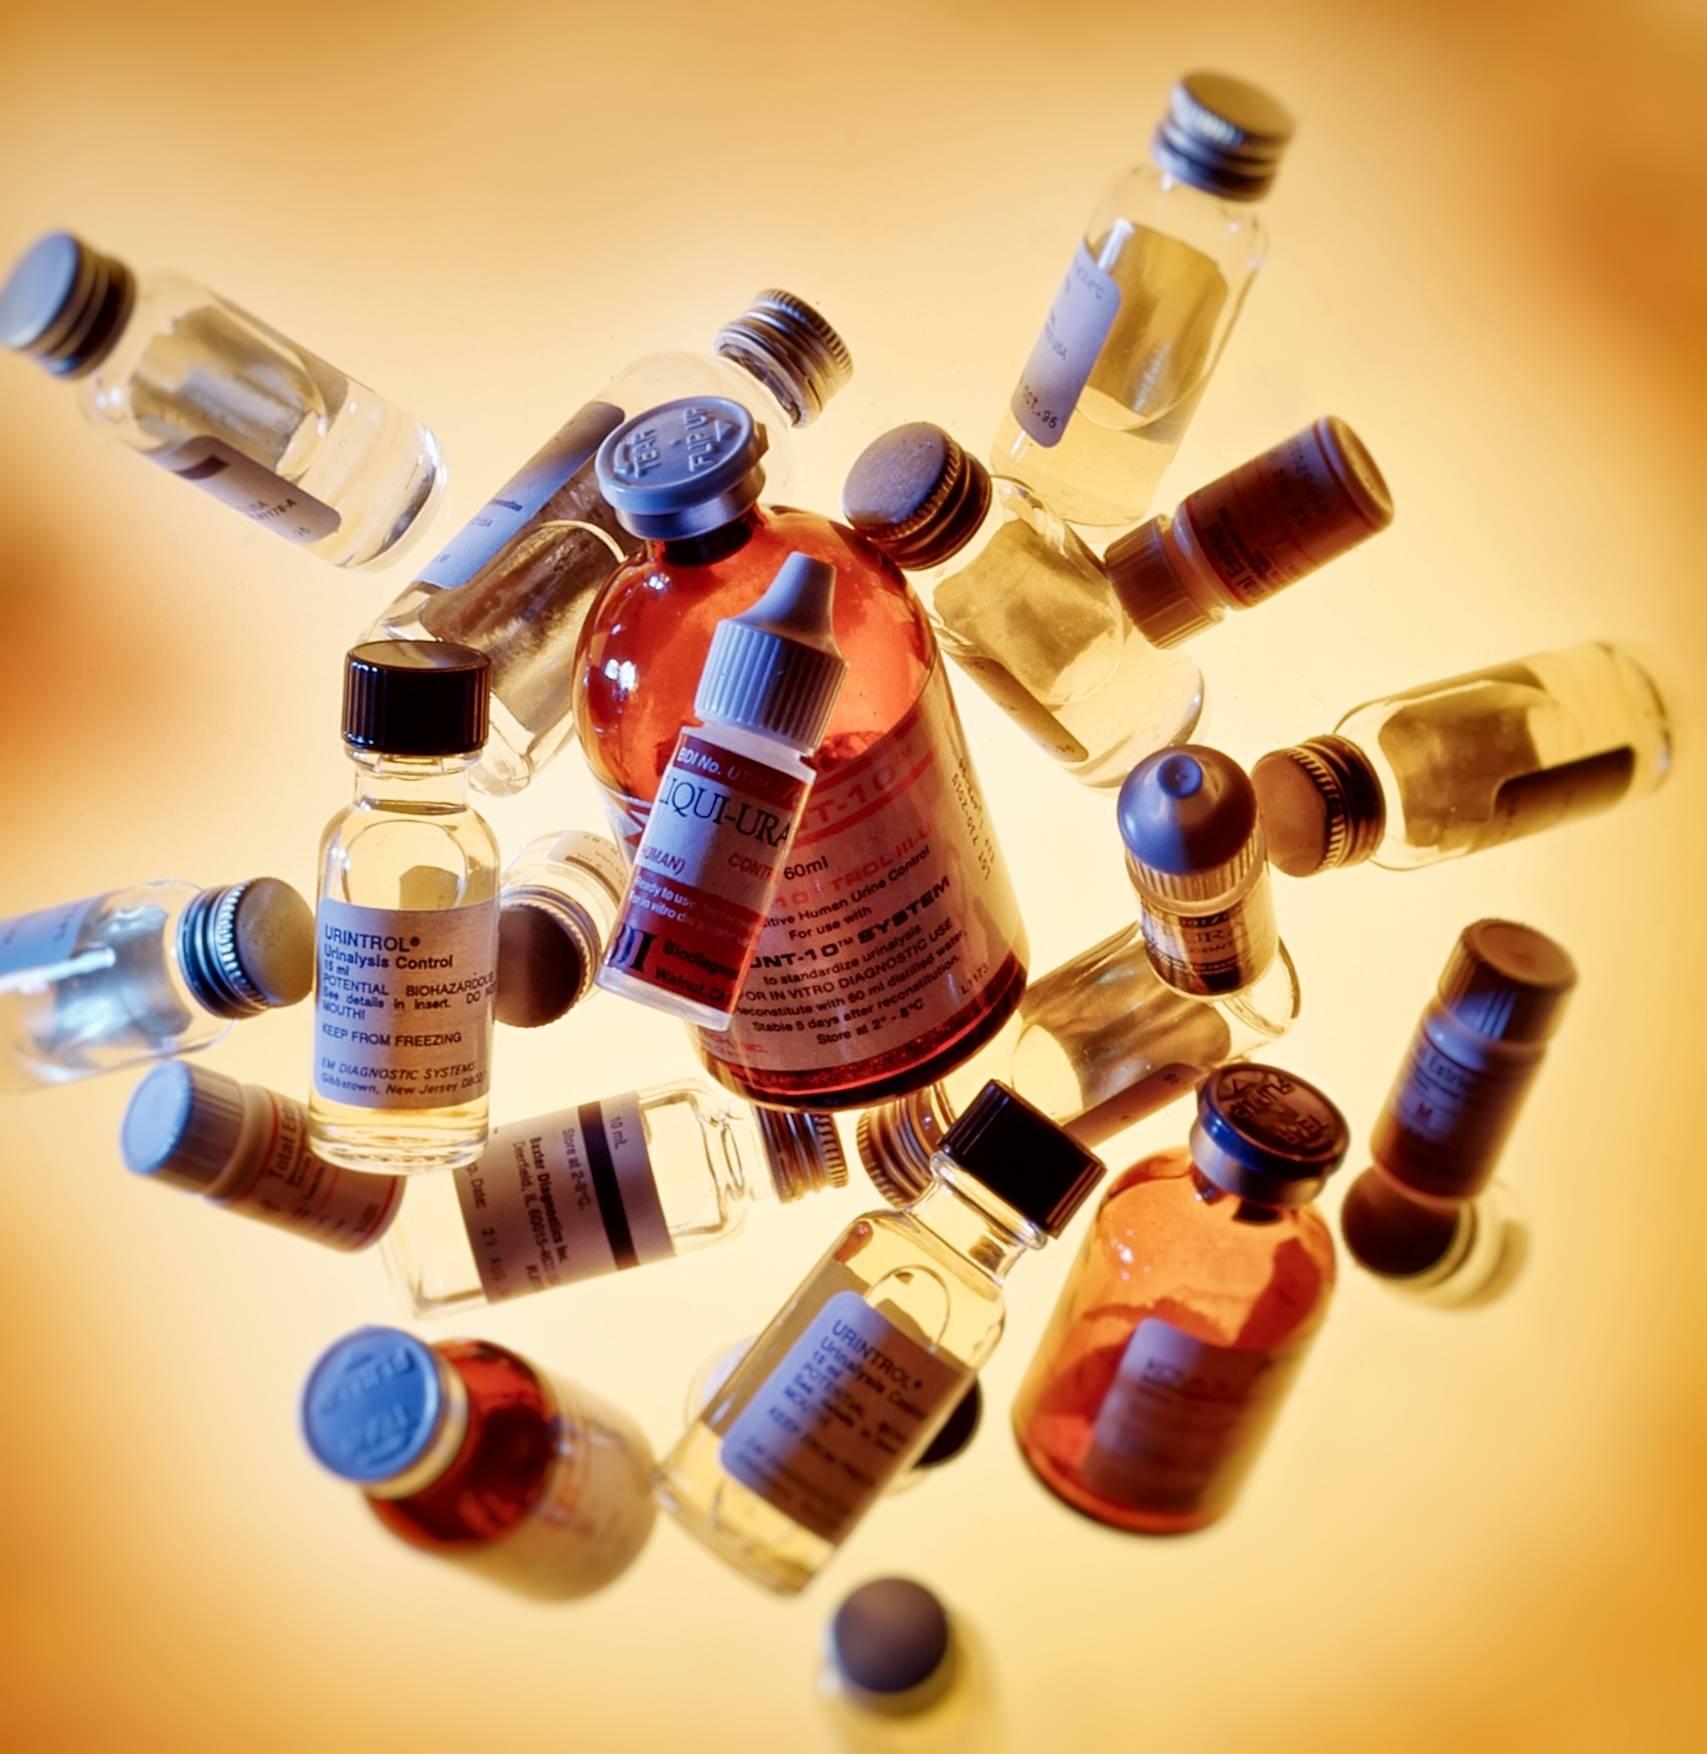 Product--bottles.jpg